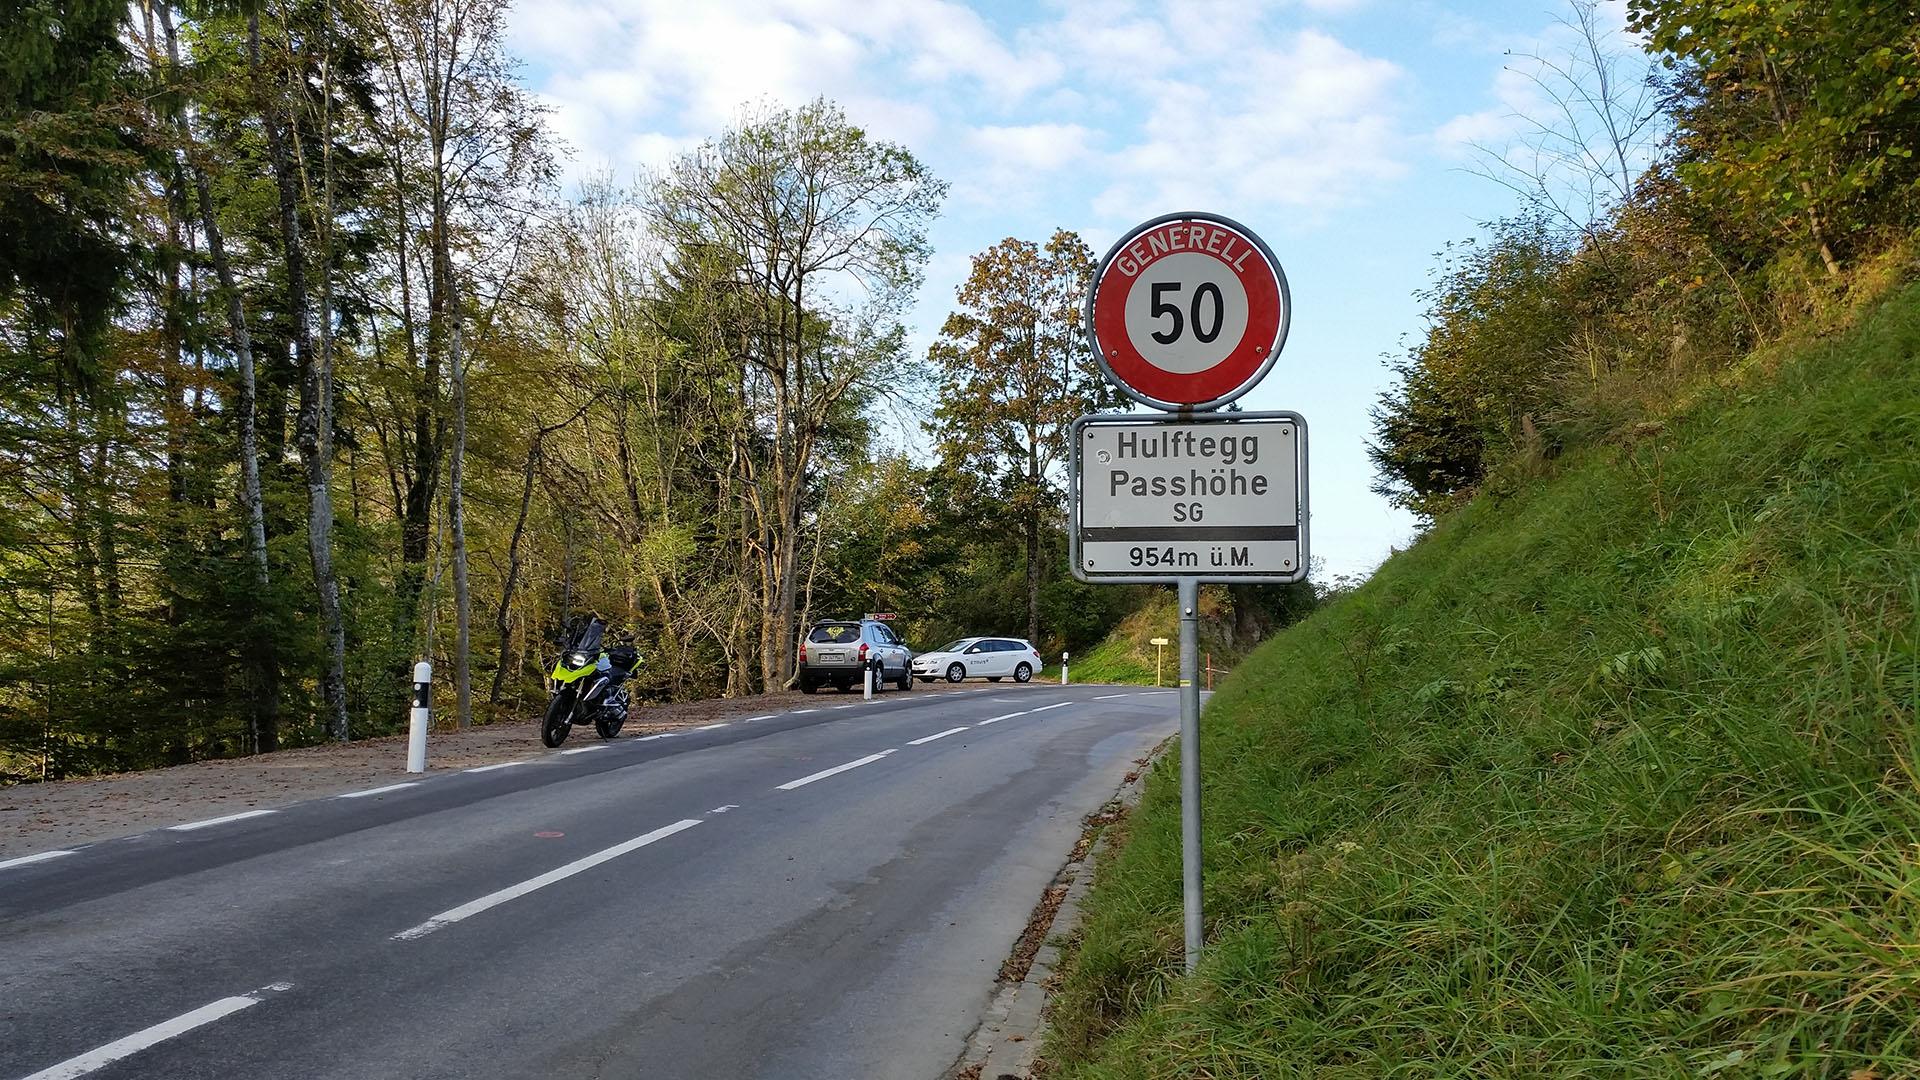 0954 - CH - Hulftegg